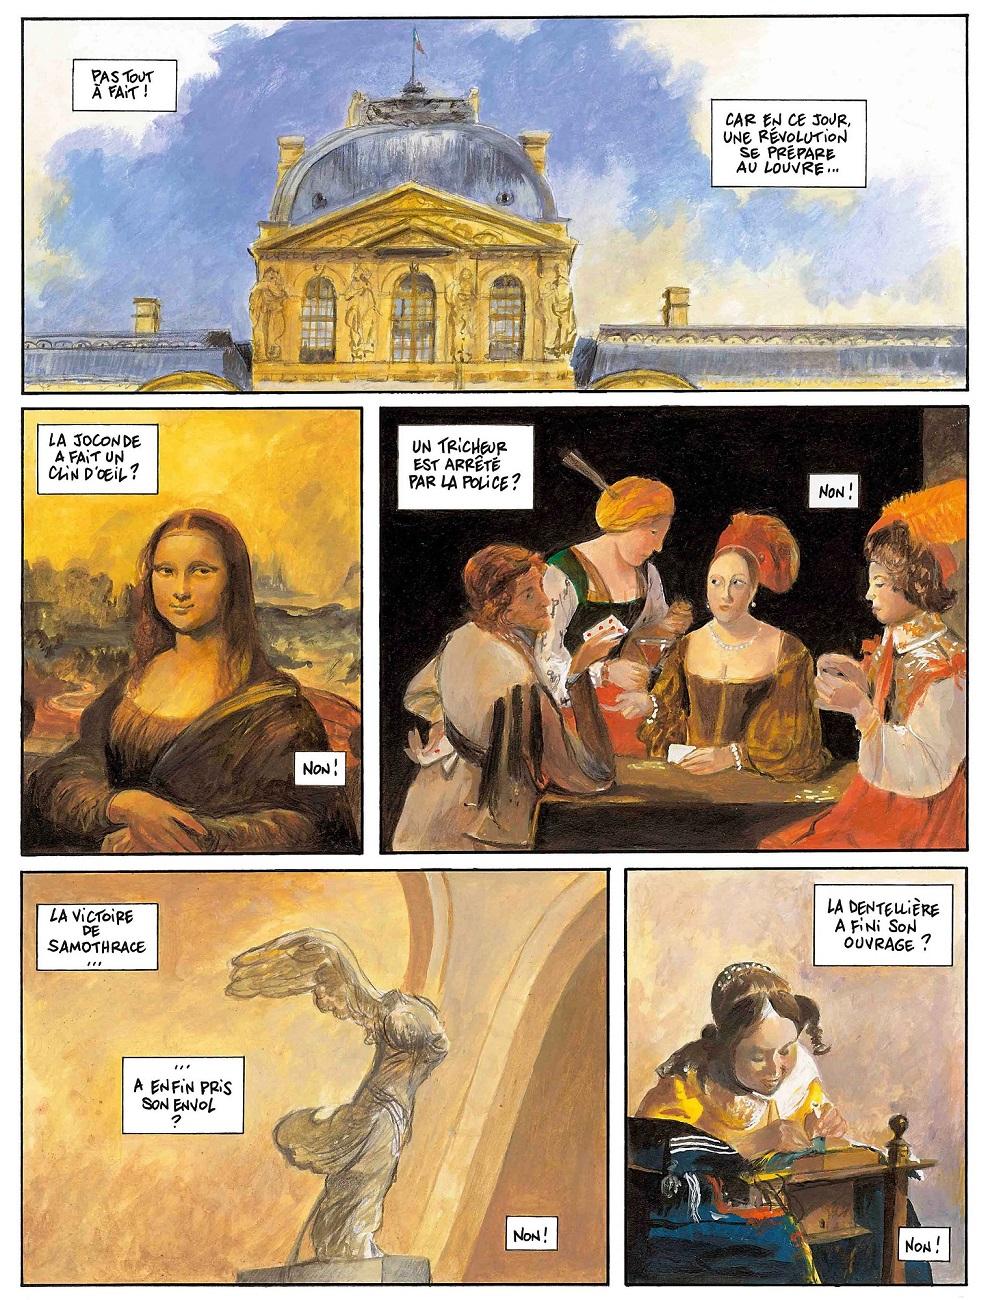 Le cheval qui ne voulait plus être une œuvre d'art page 4